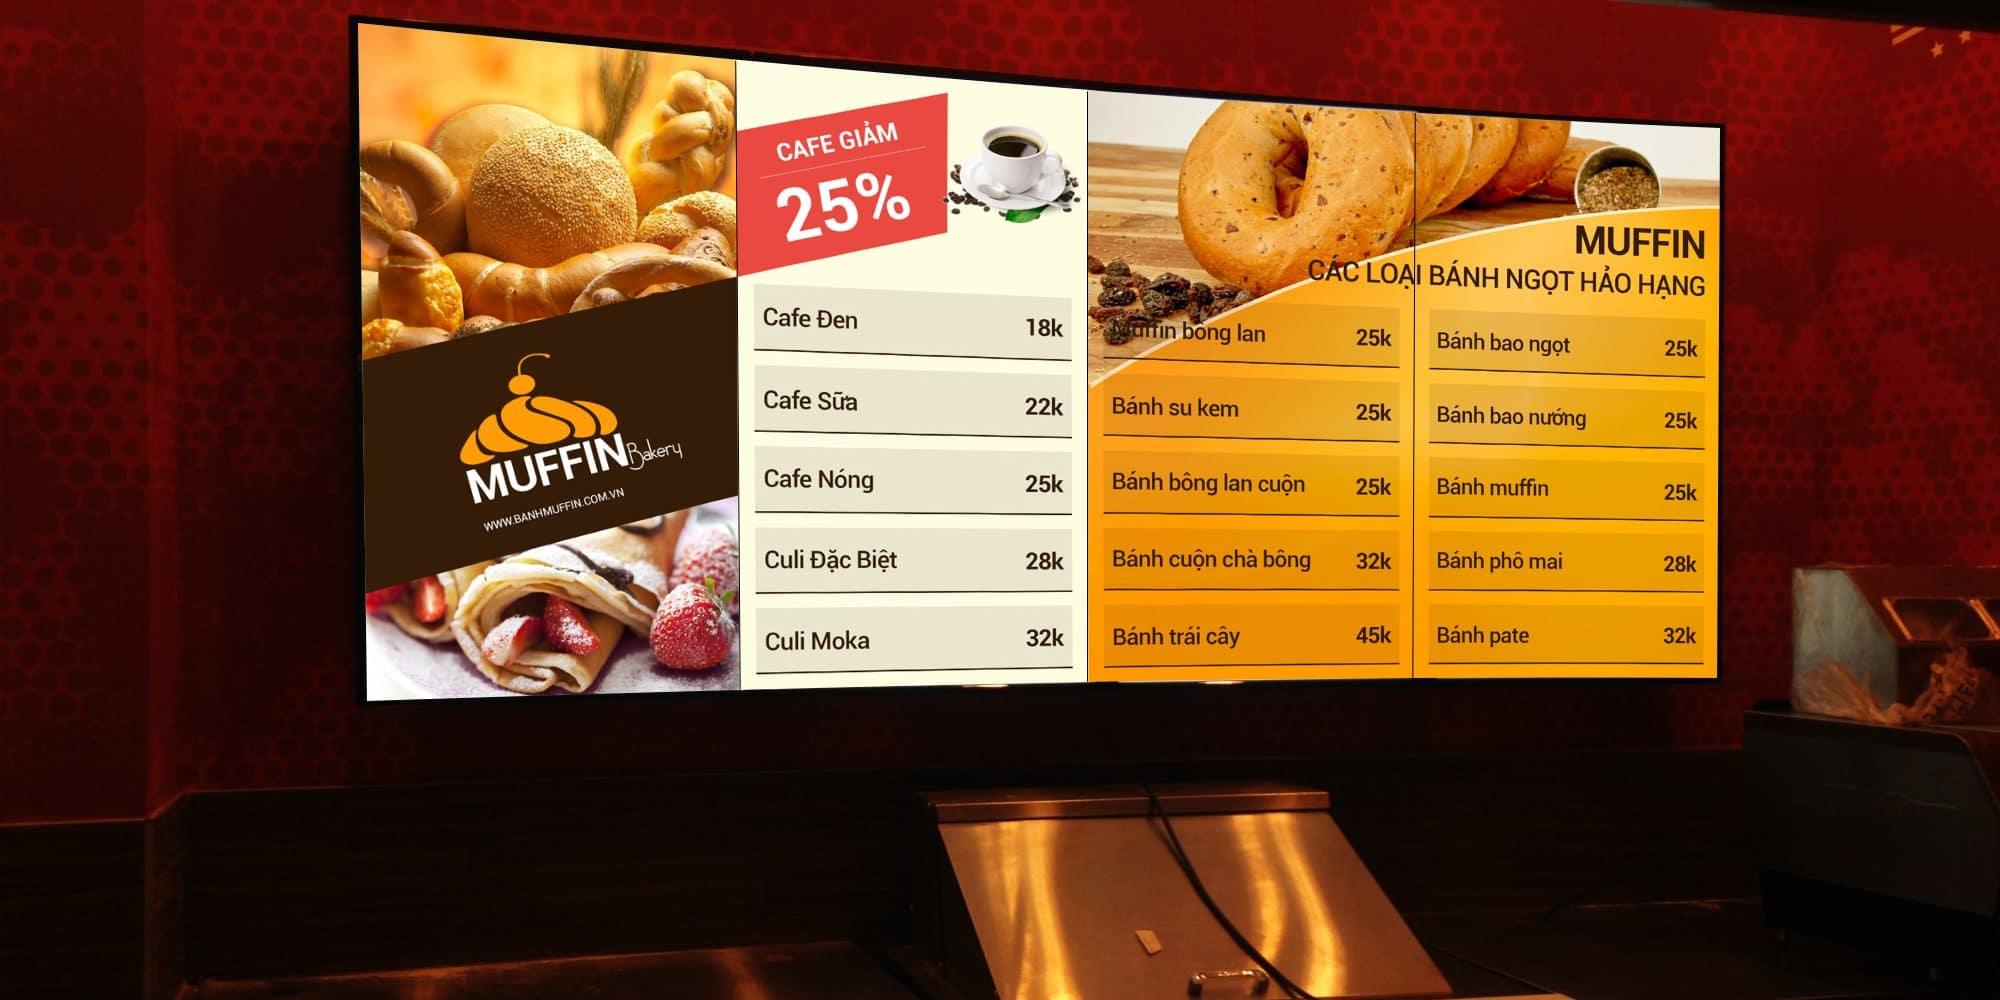 menu treo t%C6%B0%E1%BB%9Dng 4